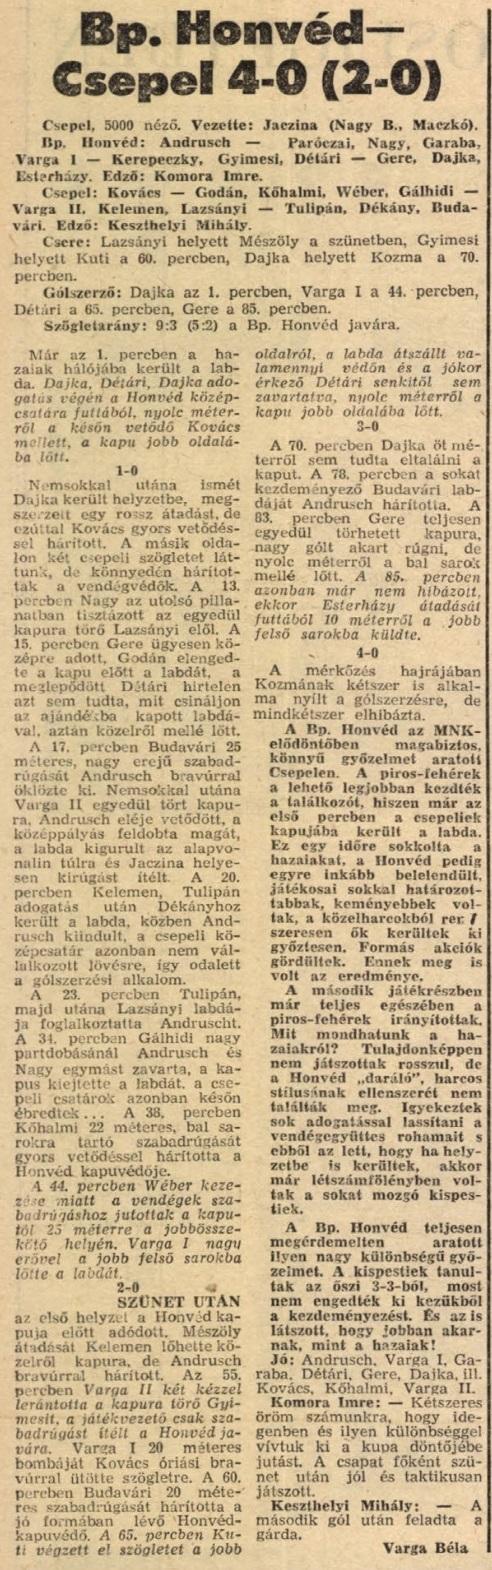 idokapszula_nb_i_1982_83_mnk_elodontok_es_a_kupadonto_csepel_bp_honved.jpg